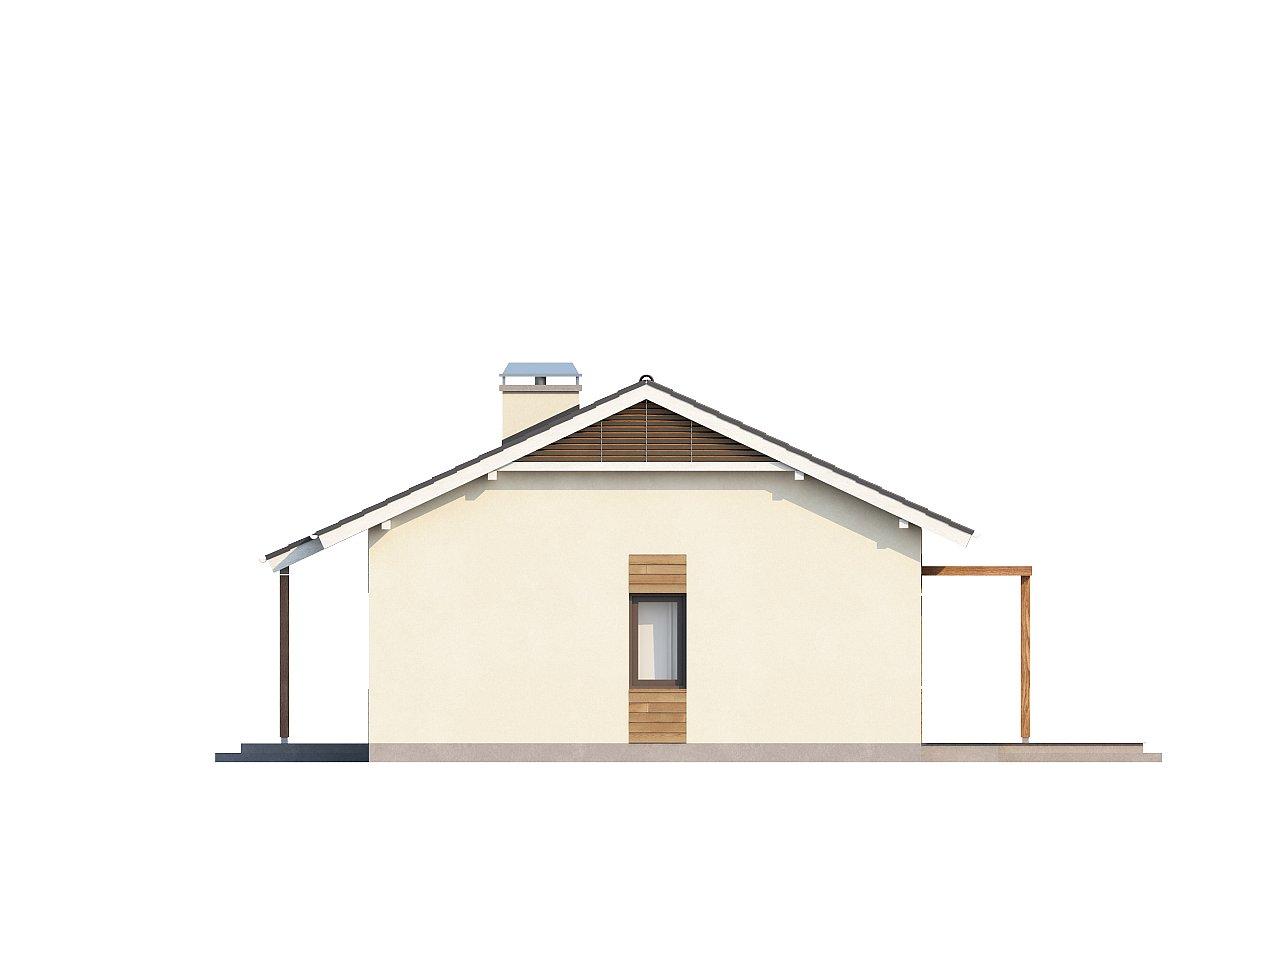 Проект компактного одноэтажного дома, экономичного как в строительстве, так и в эксплуатации. 17